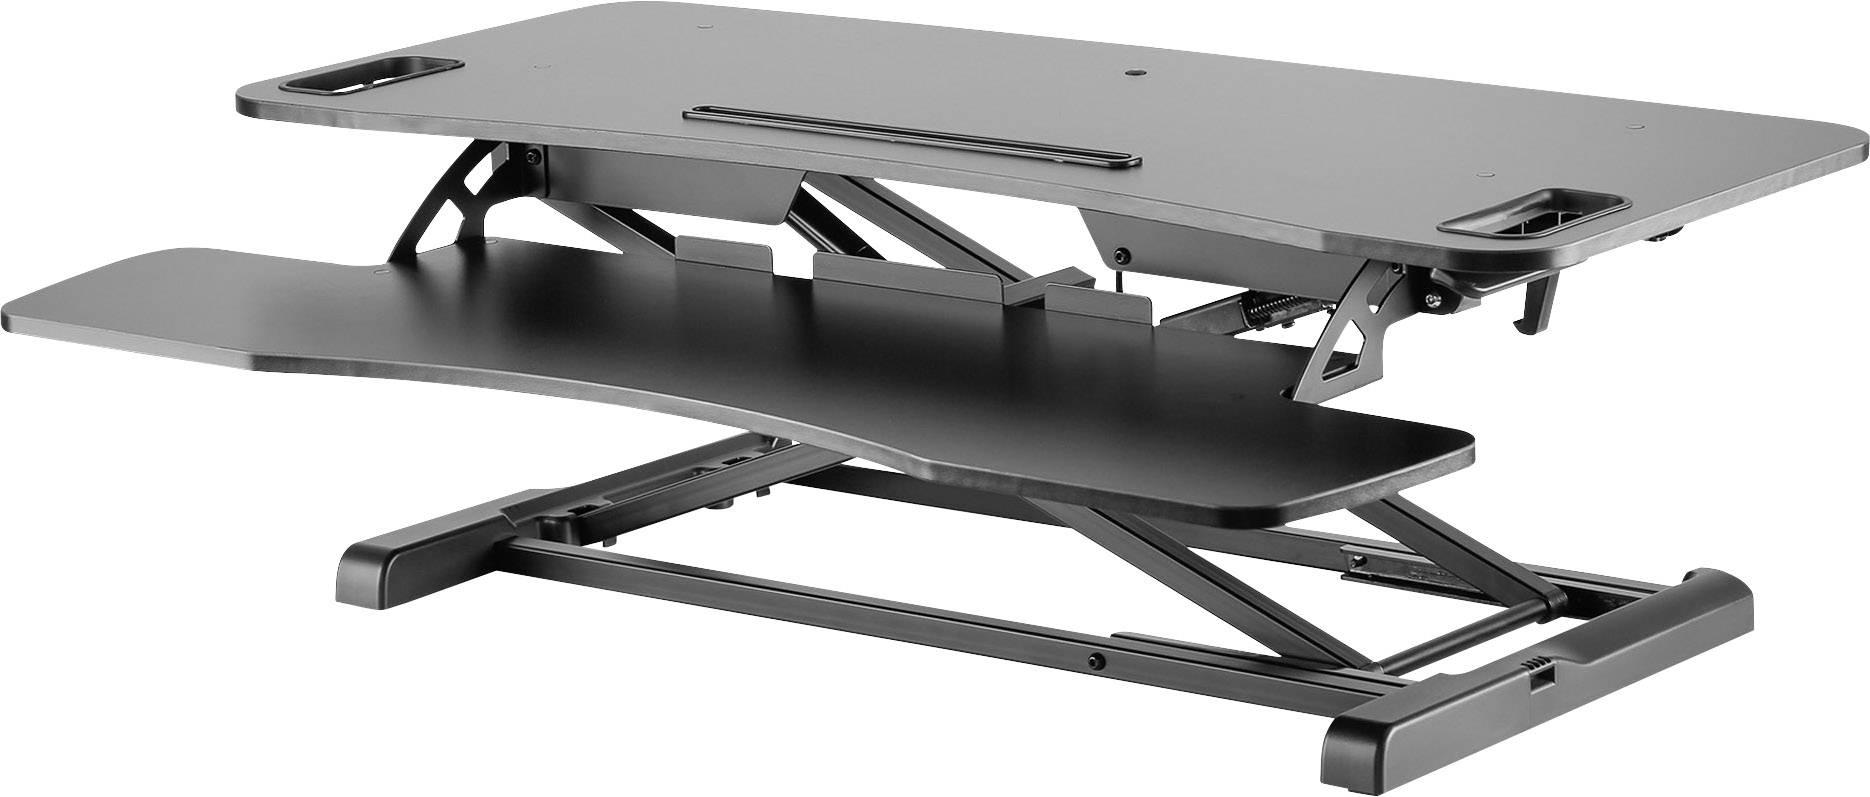 Postazione di lavoro per postura seduta ed eretta Digitus DA-90380-1 Range di altezza: 100 fino a 500 mm Nero